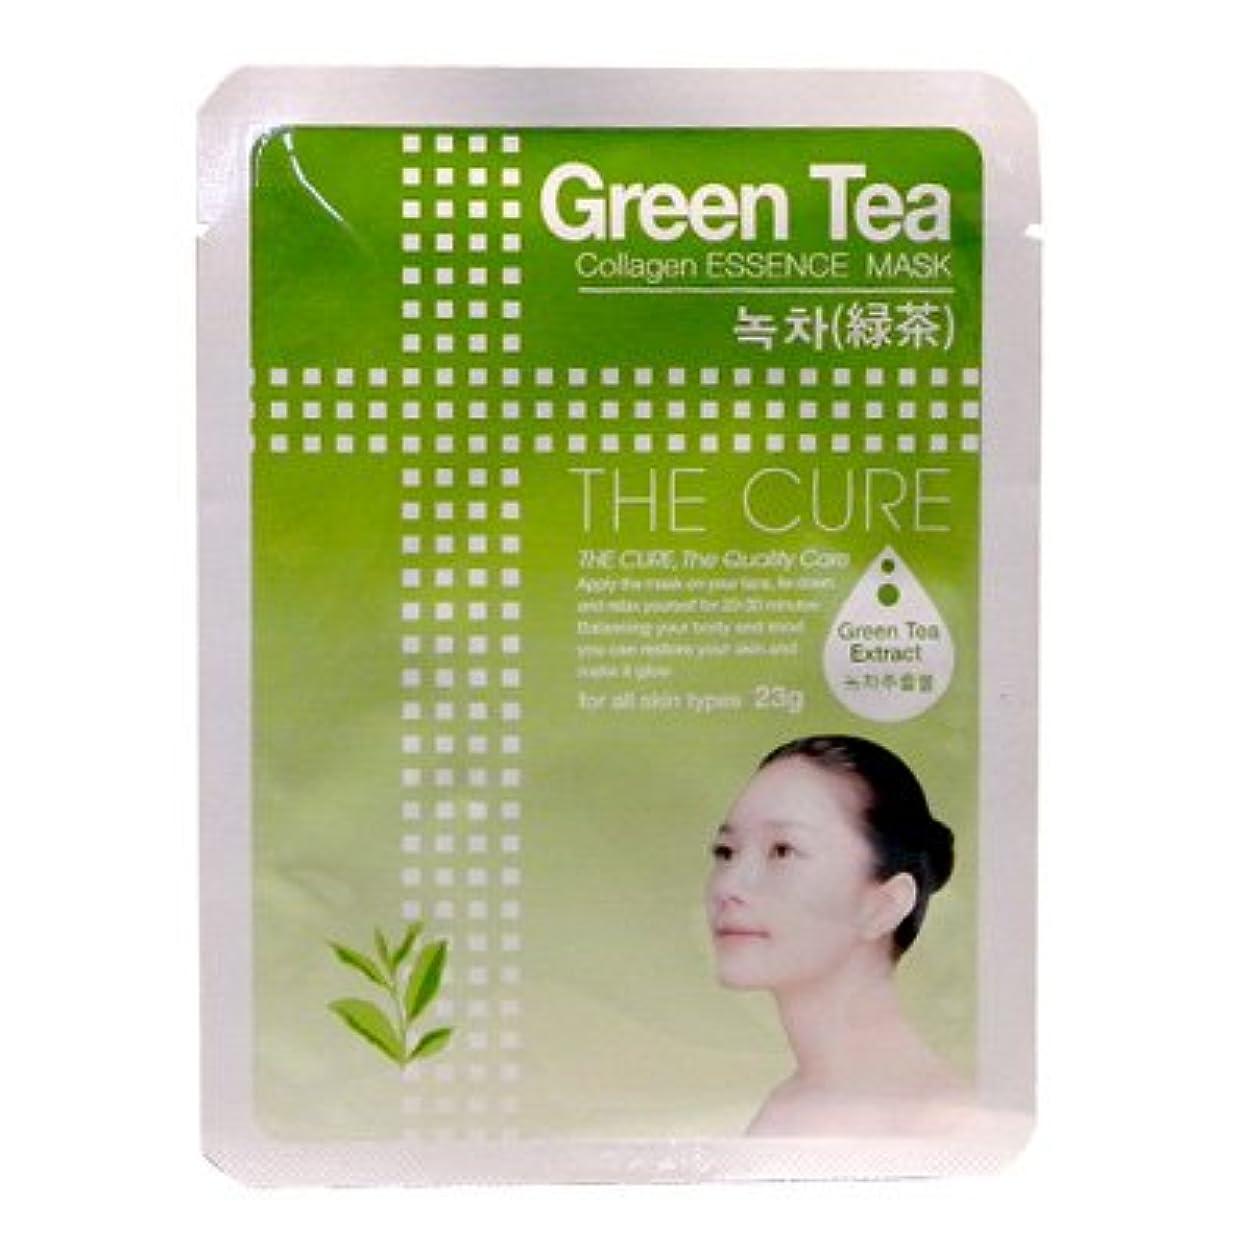 逸脱間違っているプロテスタントCURE マスク シートパック 緑茶